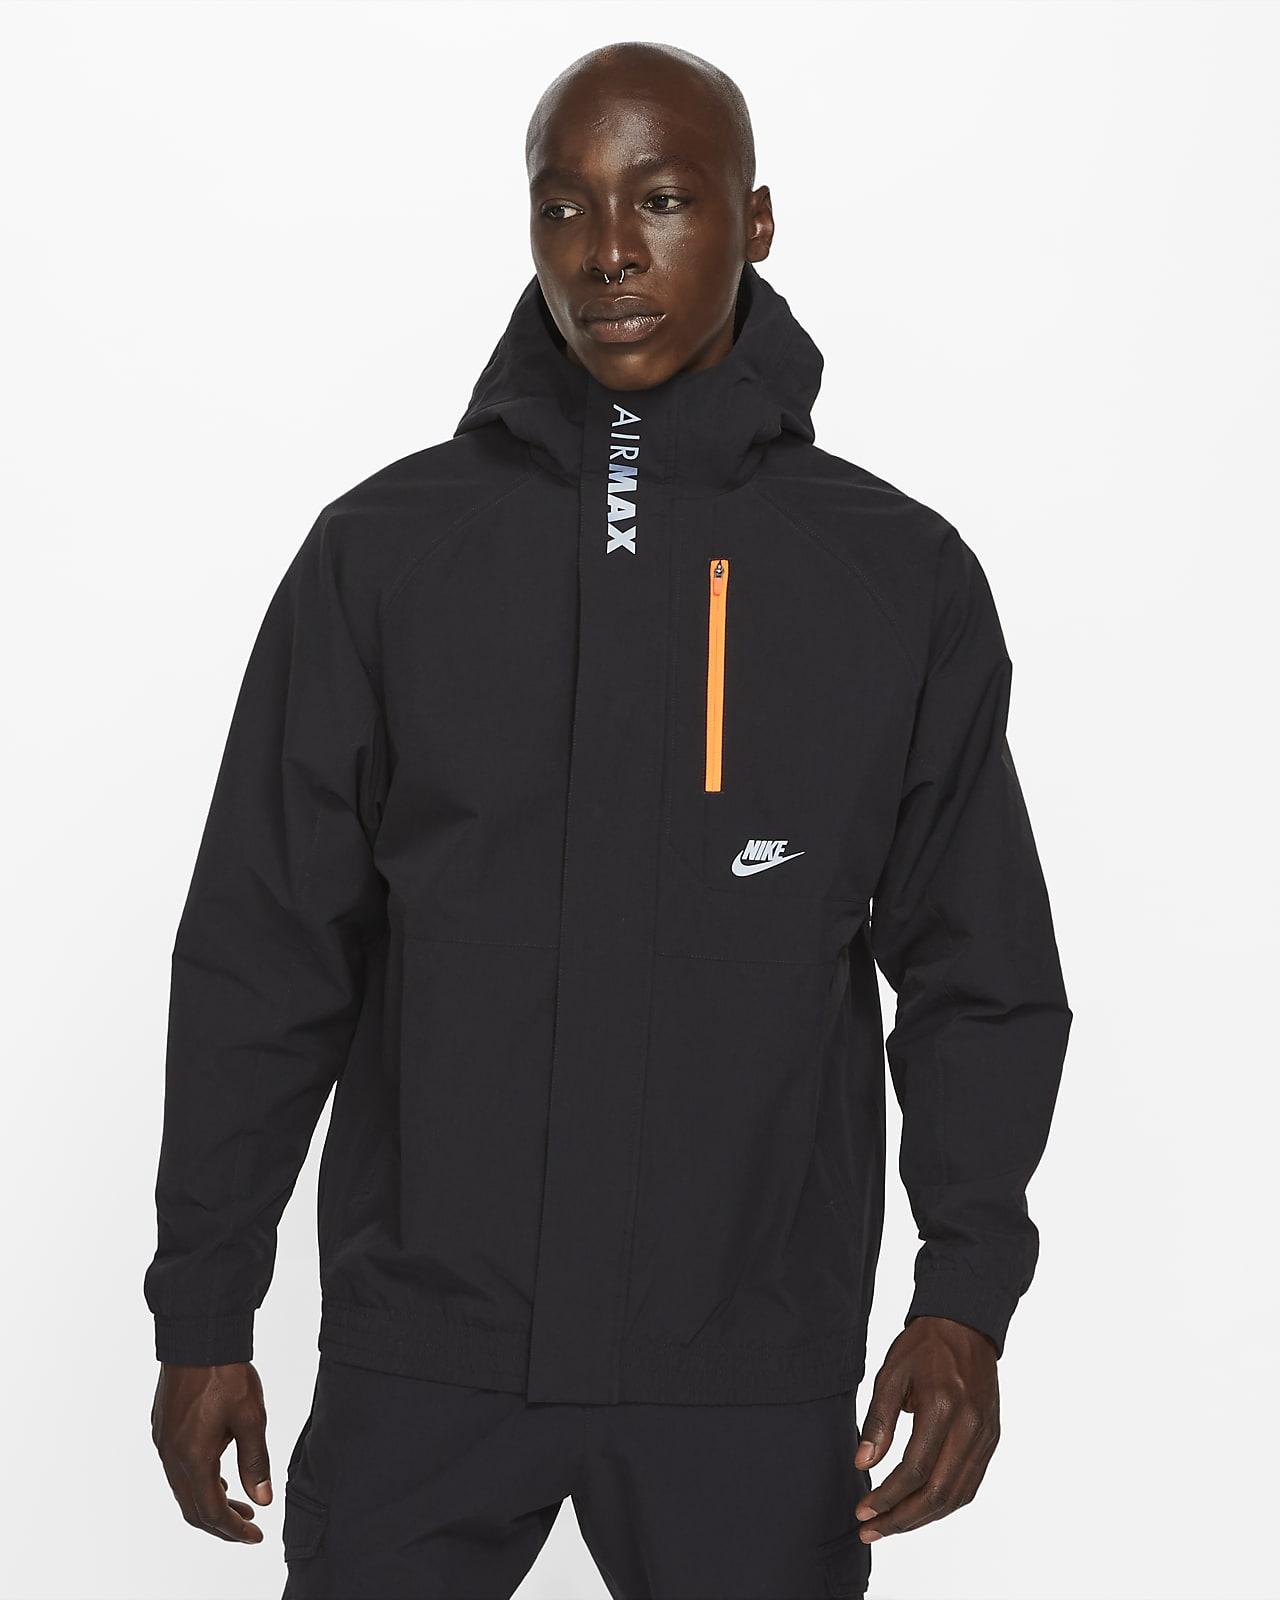 Nike Air Max Herren-Webjacke